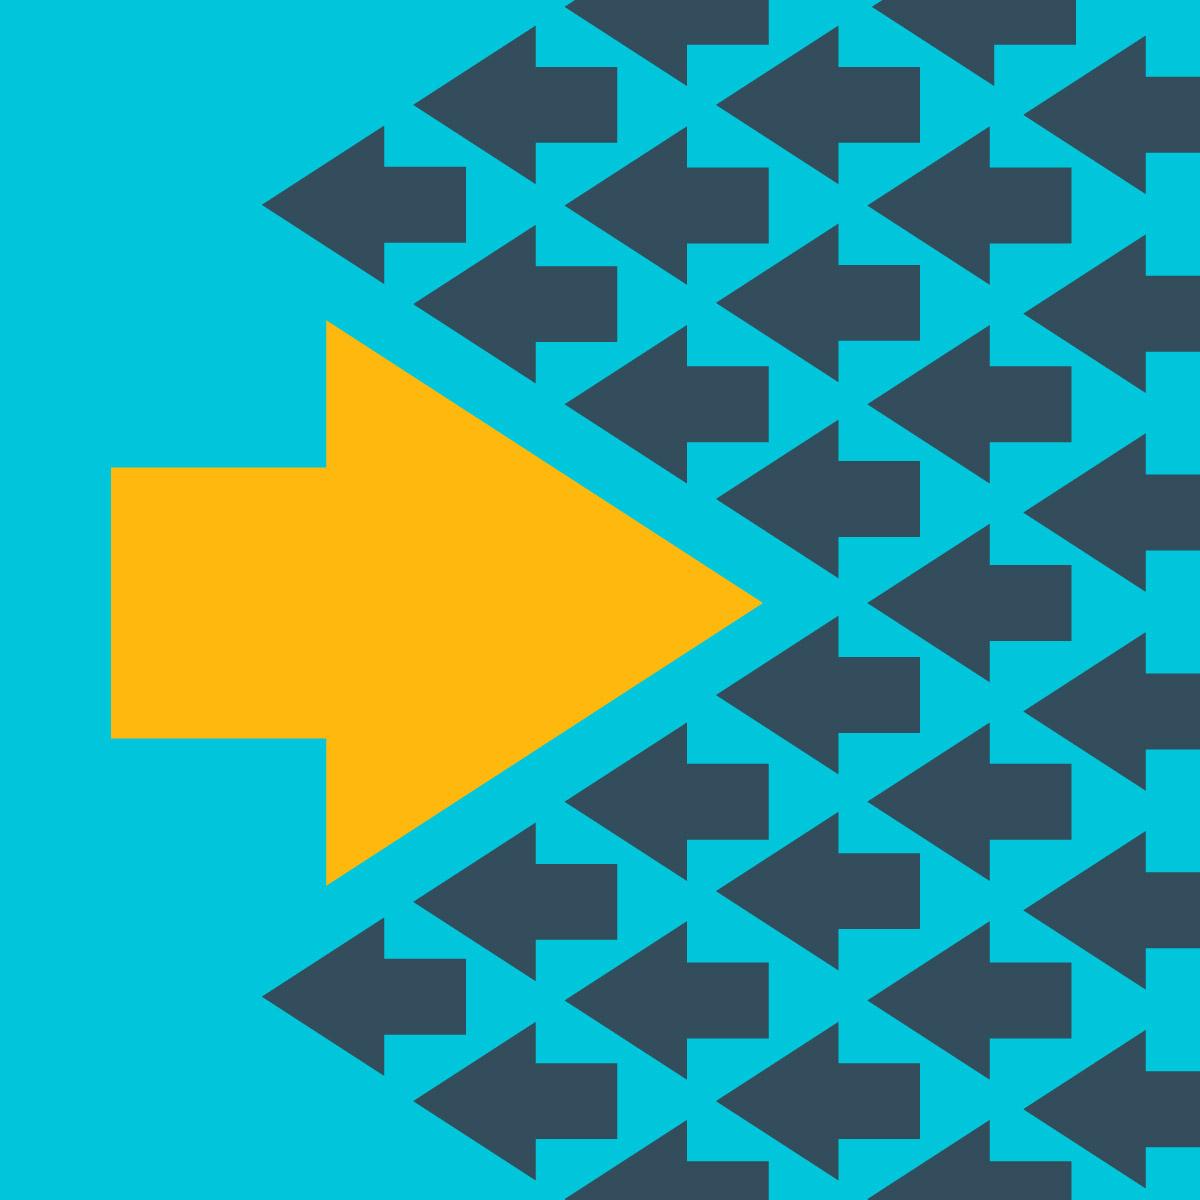 Change_Arrows.jpg